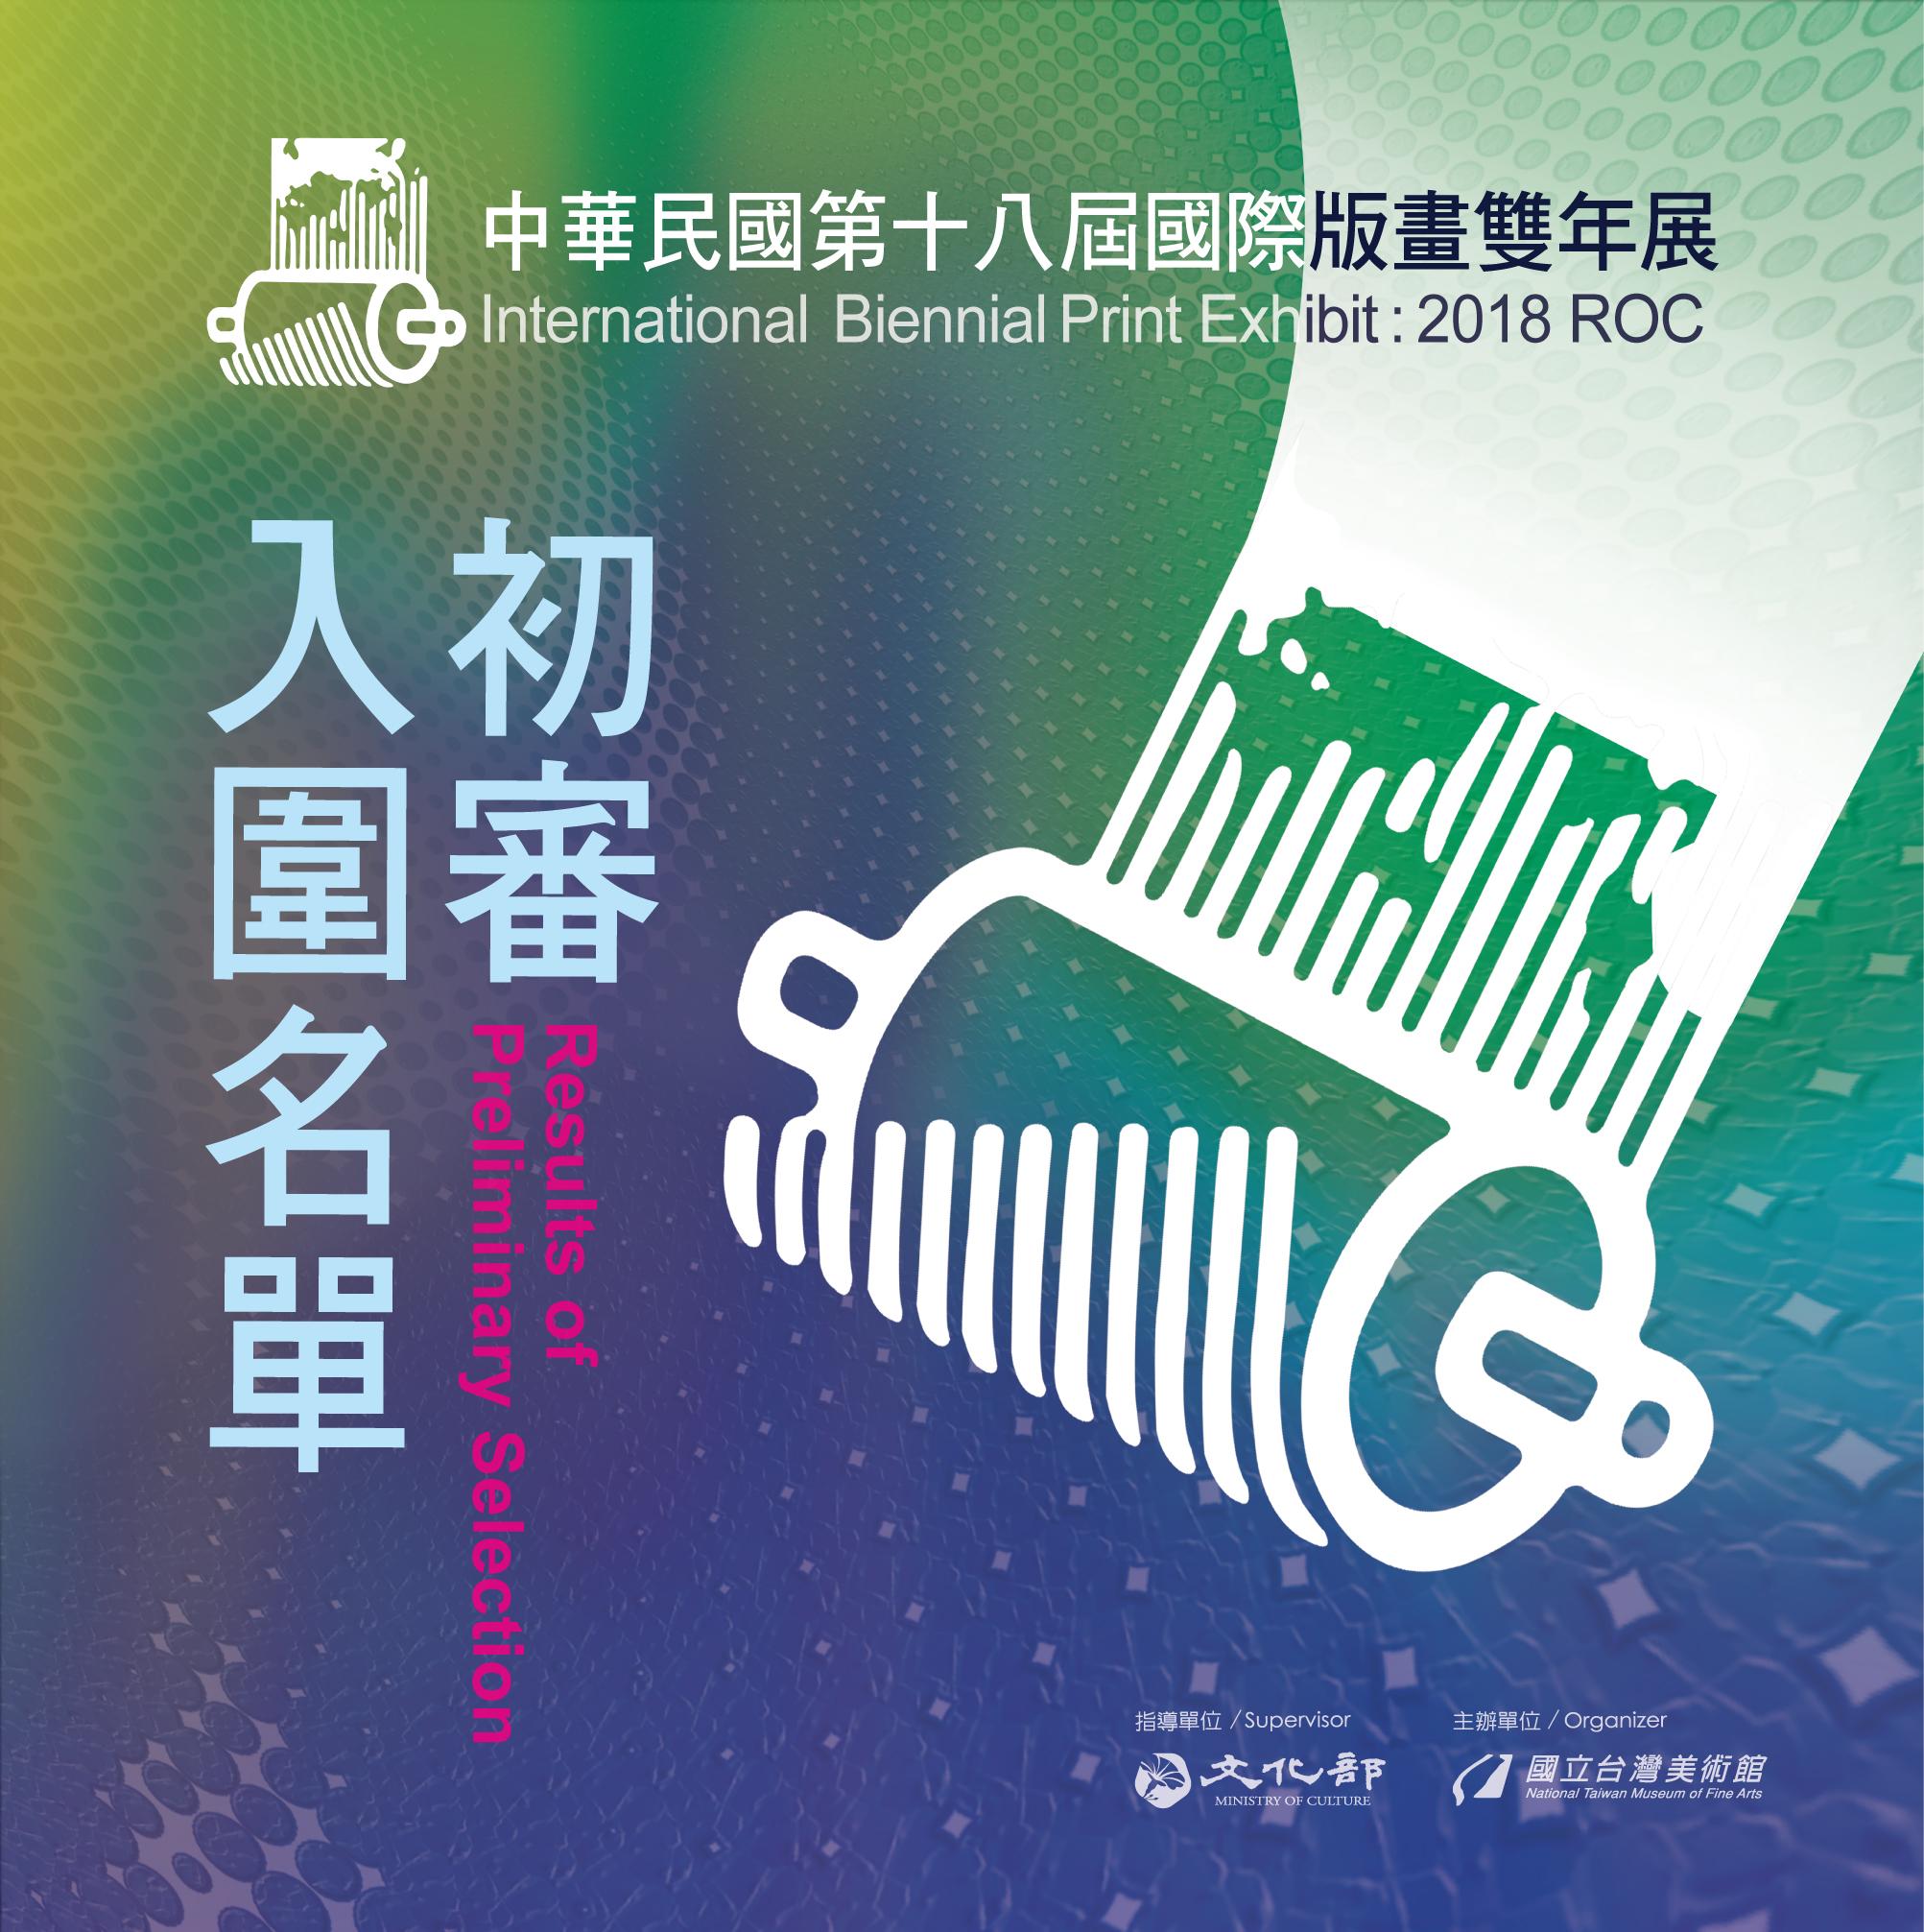 「中華民國第十八屆國際版畫雙年展 」初審入圍名單